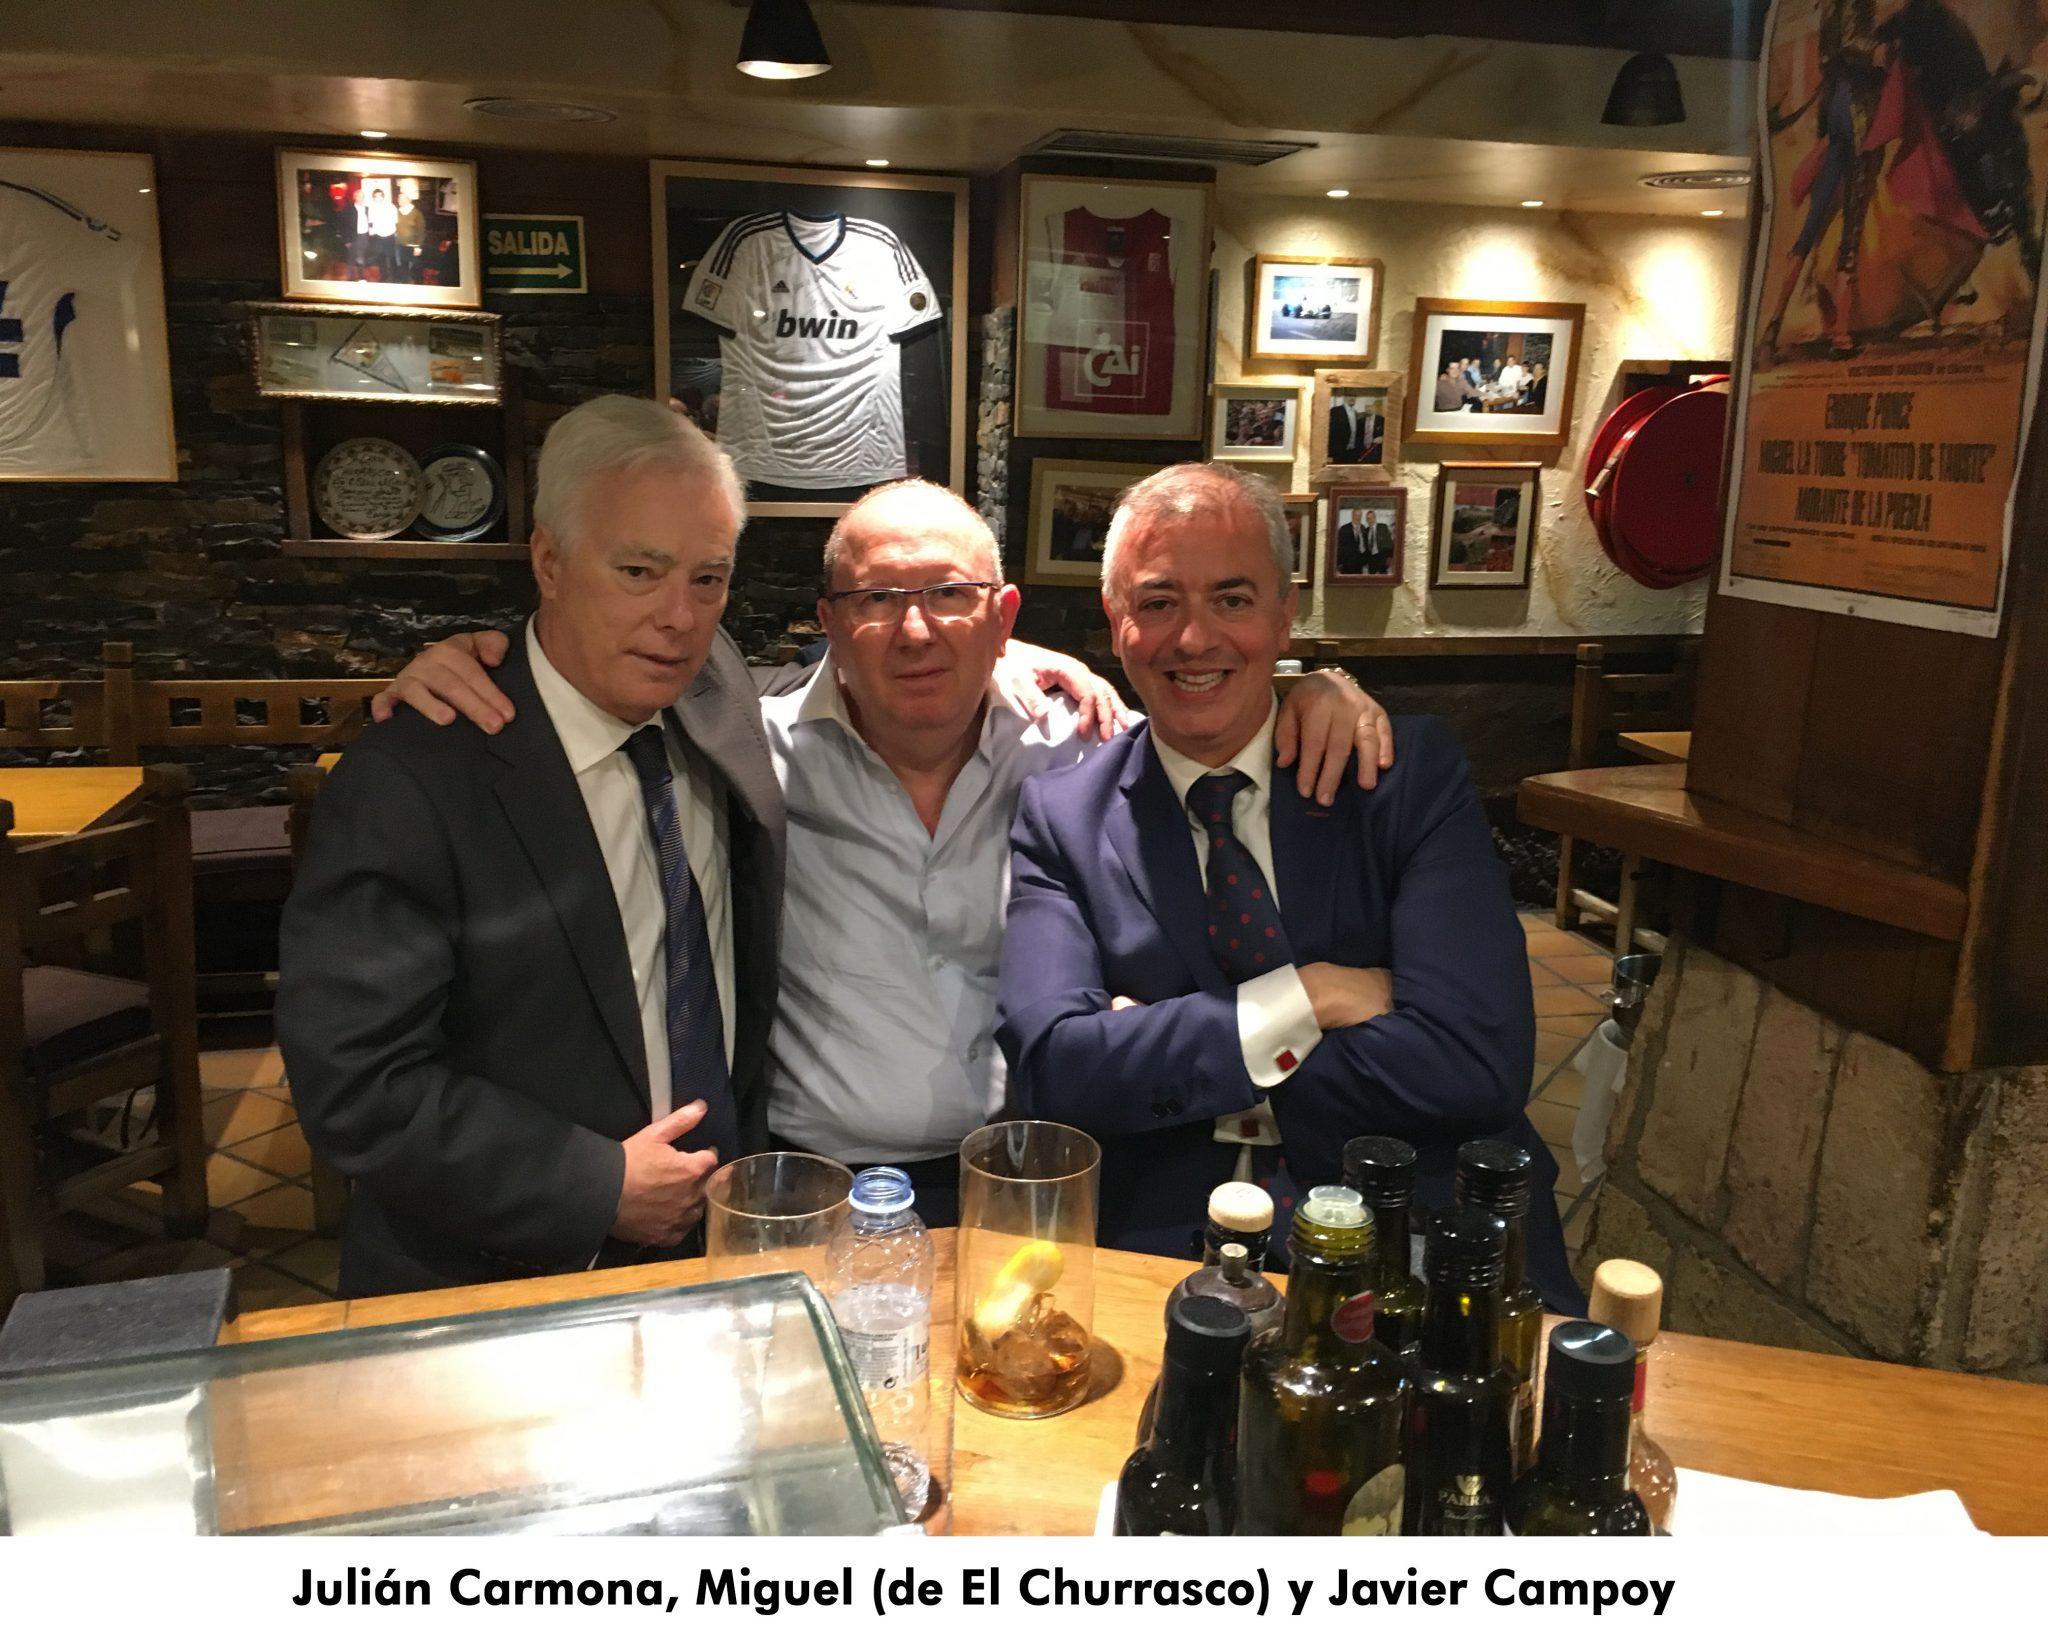 10. Julian Carmona, Miguel y Javier Campoy